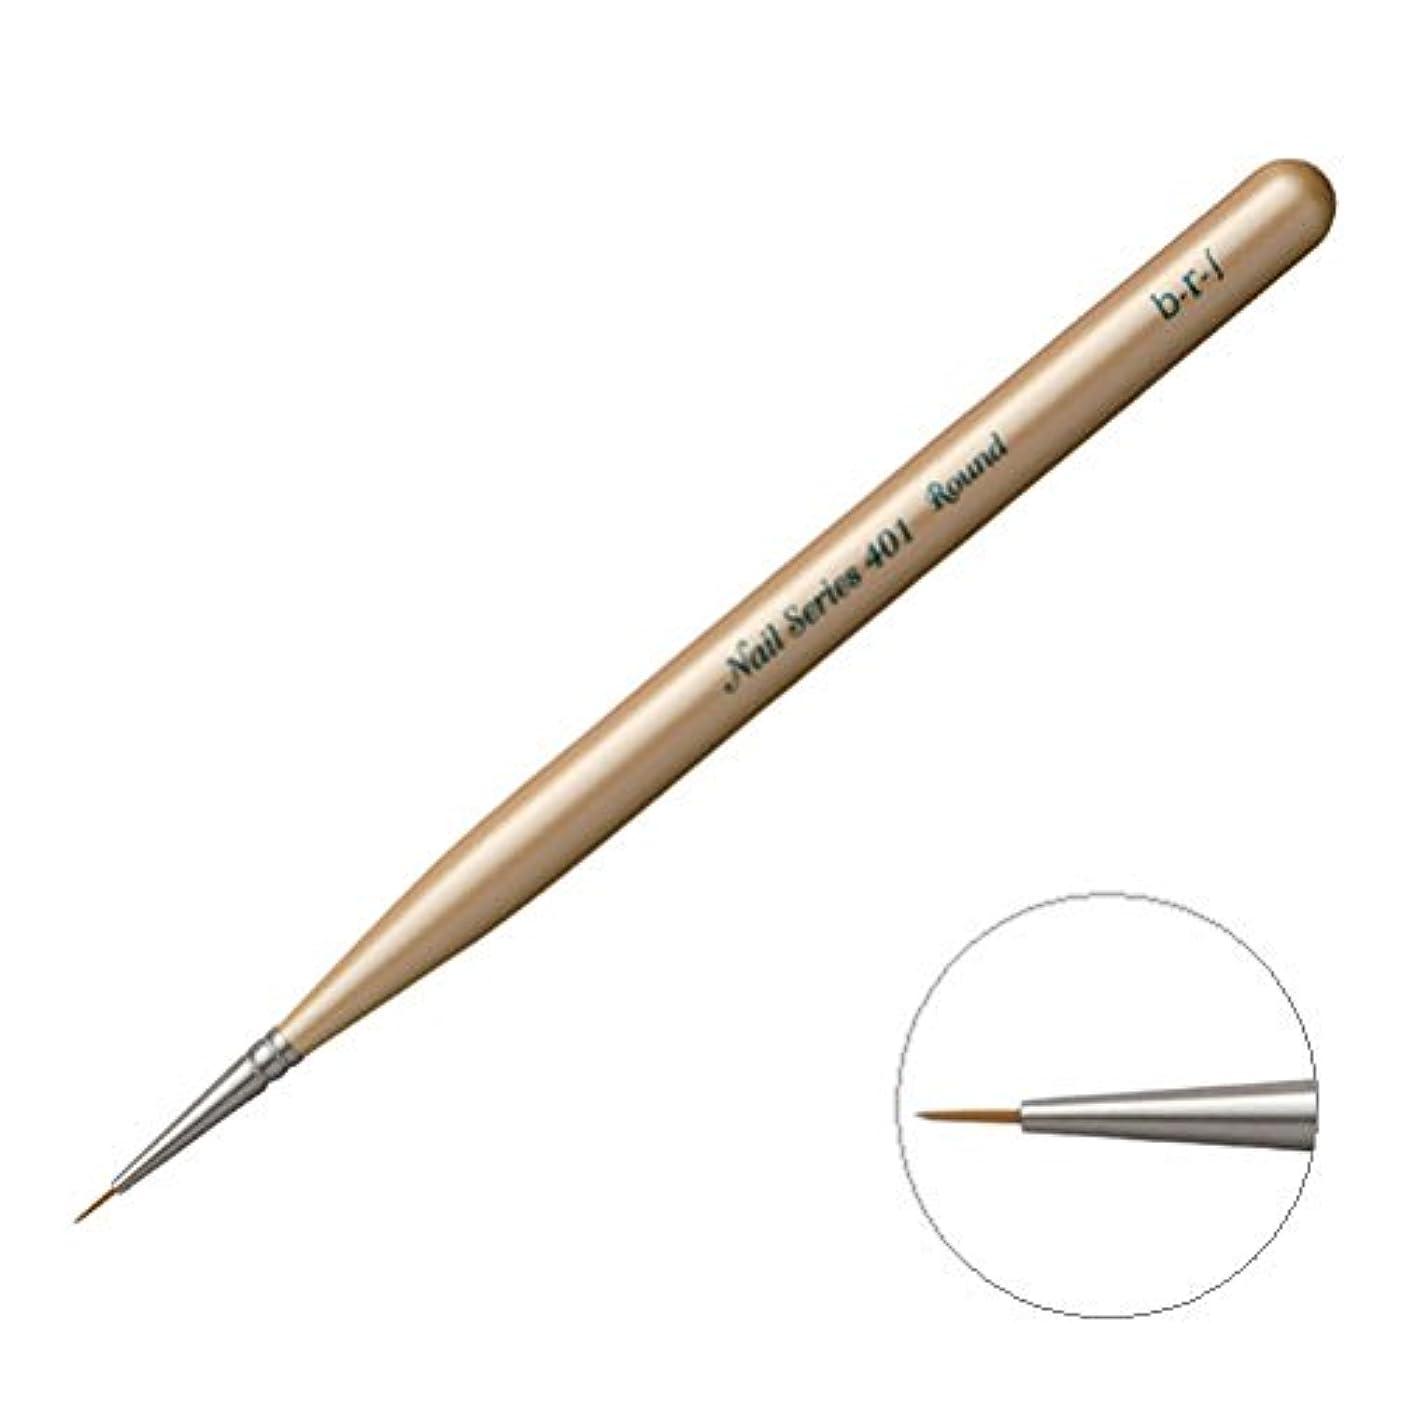 一般的な必要とするジェーンオースティンブルーシュ 401 ラウント゛ホ゜イントフ゛ラシ 全長133mm?ナイロン毛